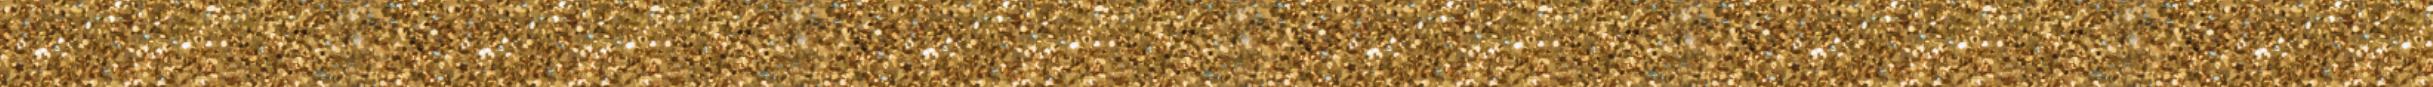 Golden Line.jpg